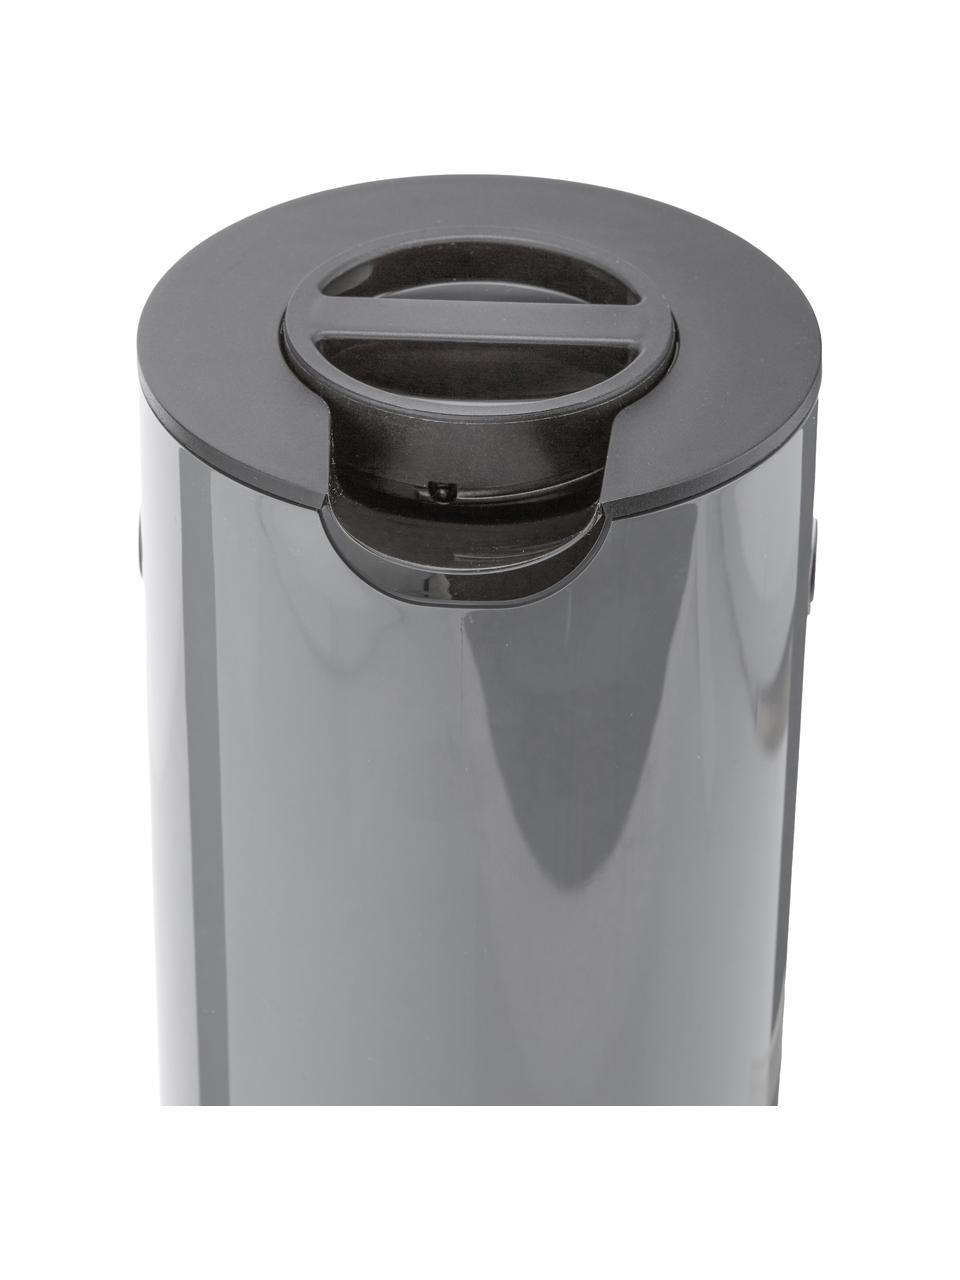 Isolierkanne EM77 in Grau glänzend, 1 L, ABS-Kunststoff mit Glaseinsatz, Granitgrau, 1 L